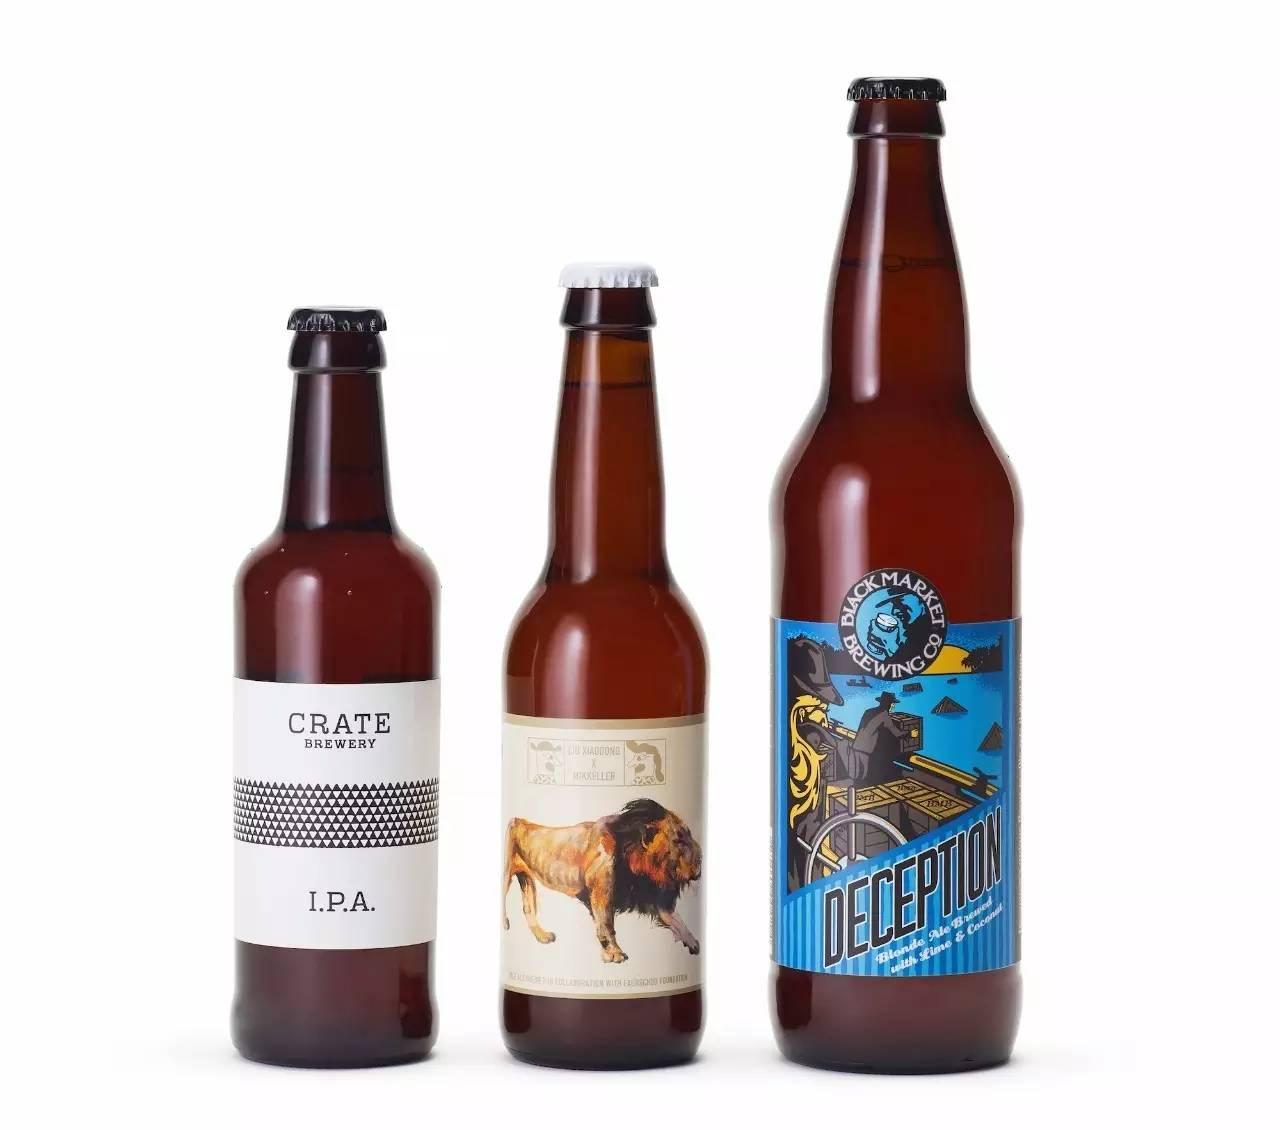 伦敦啤酒_品酒笔记:文艺IPA、伦敦酿造和椰子青柠艾尔-搜狐吃喝